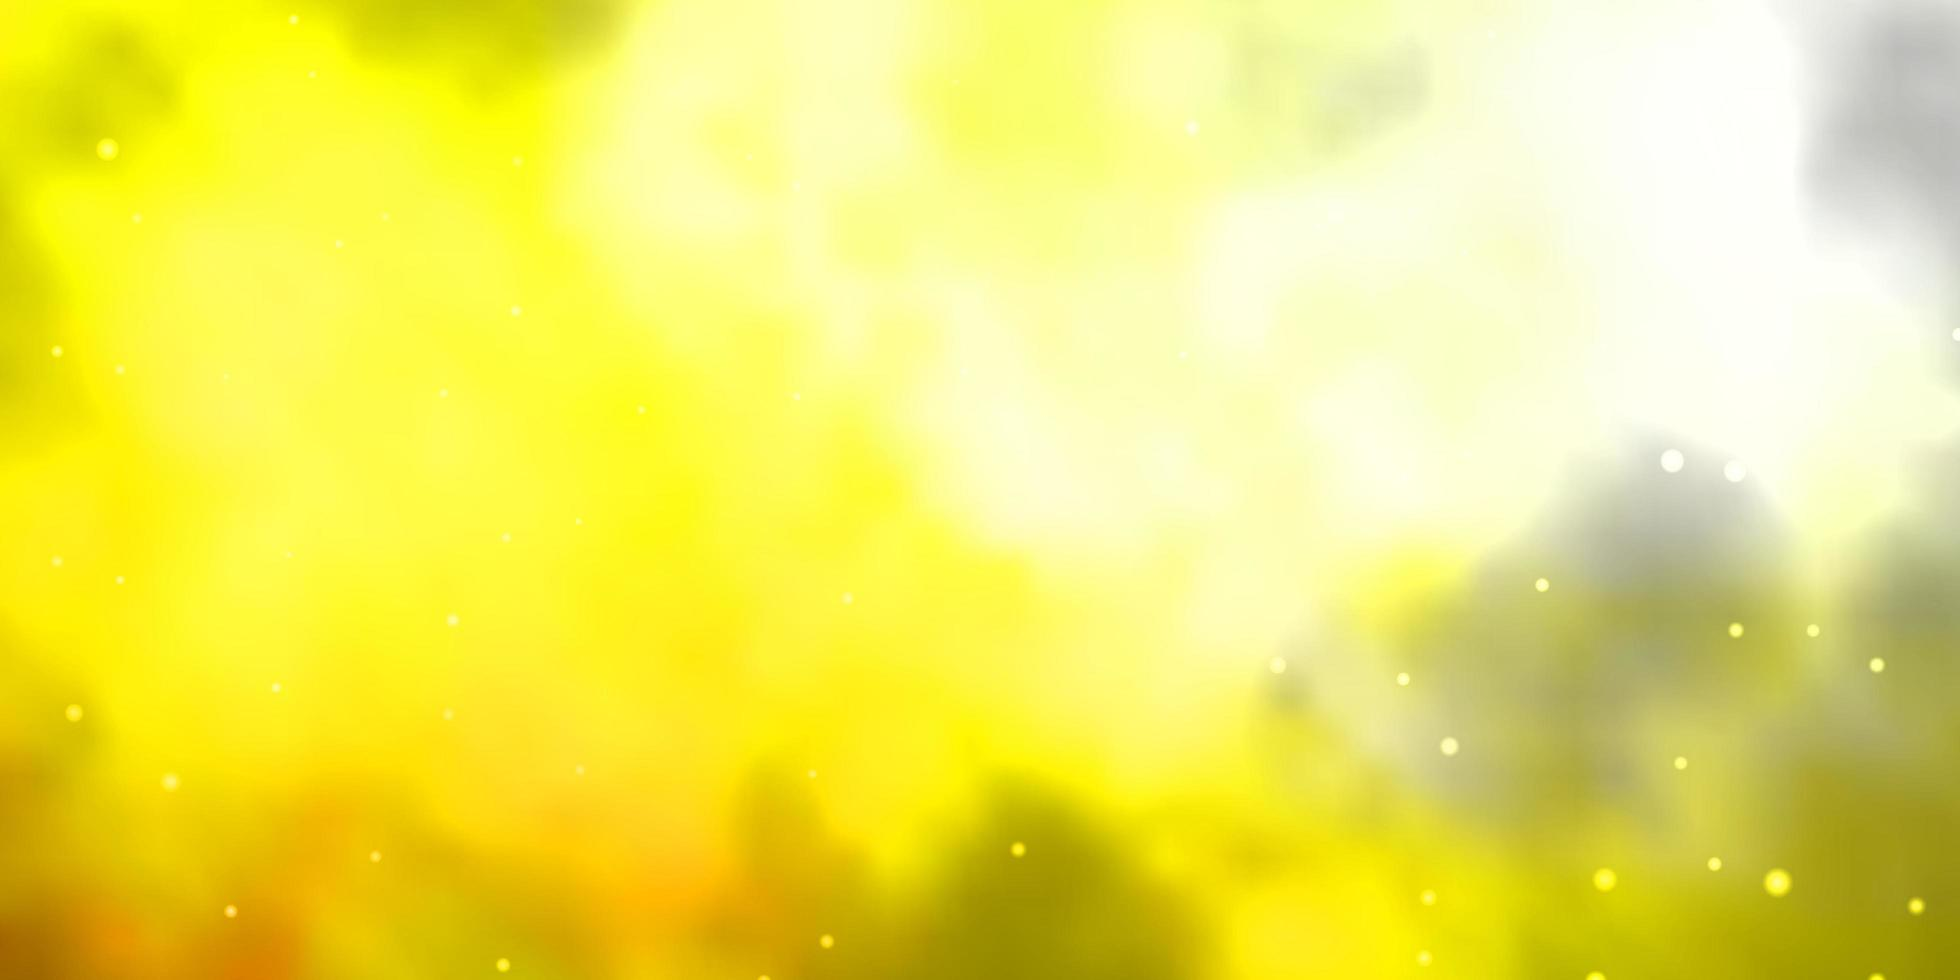 ljusröd, gul vektorlayout med ljusa stjärnor. vektor